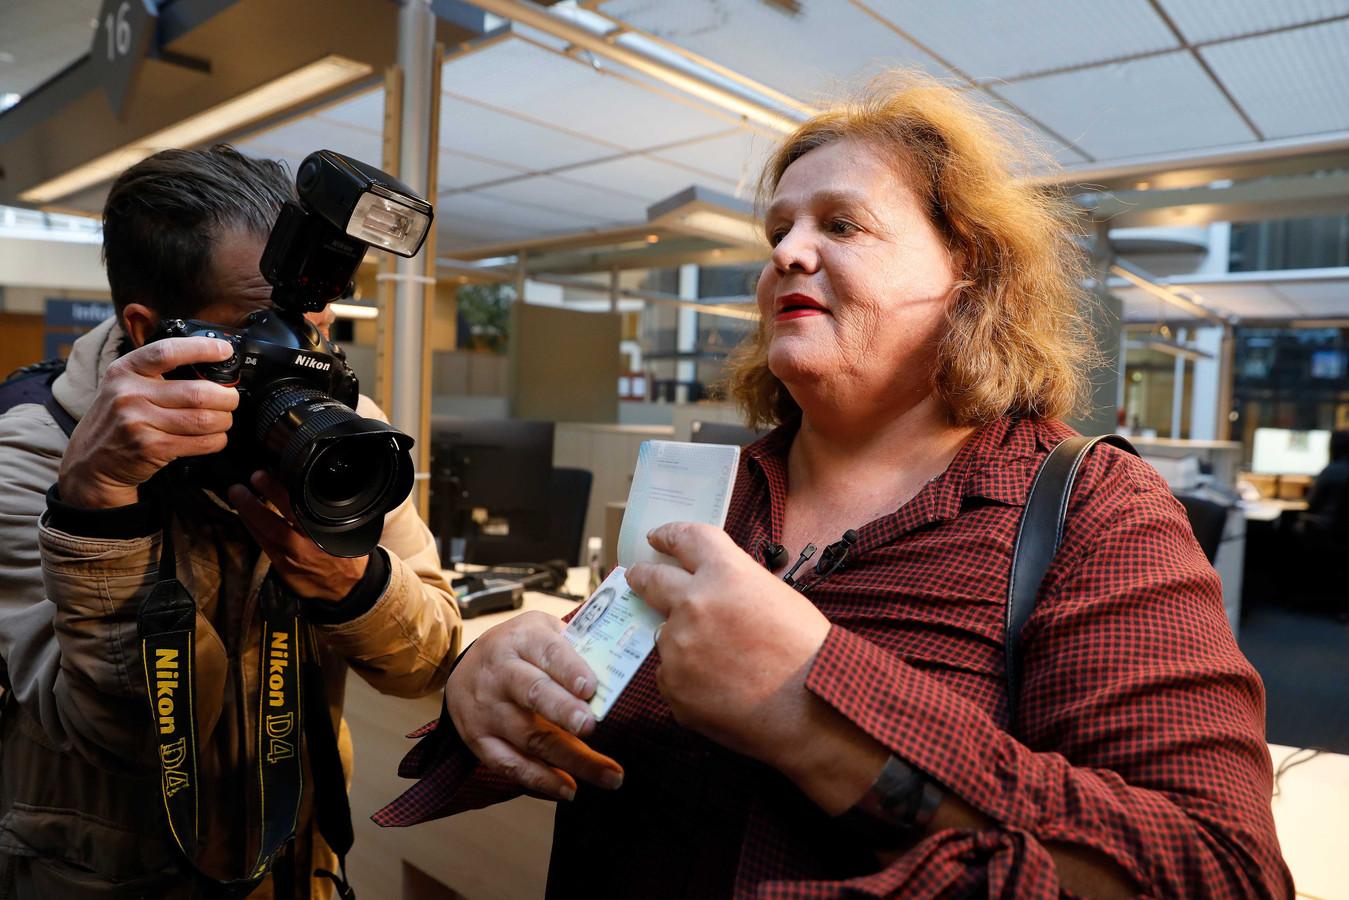 Leonne Zeegers krijgt als eerste volwassen Nederlander een paspoort zonder geslachtsaanduiding. De V in Leonne's paspoort wordt vervangen door X/X.